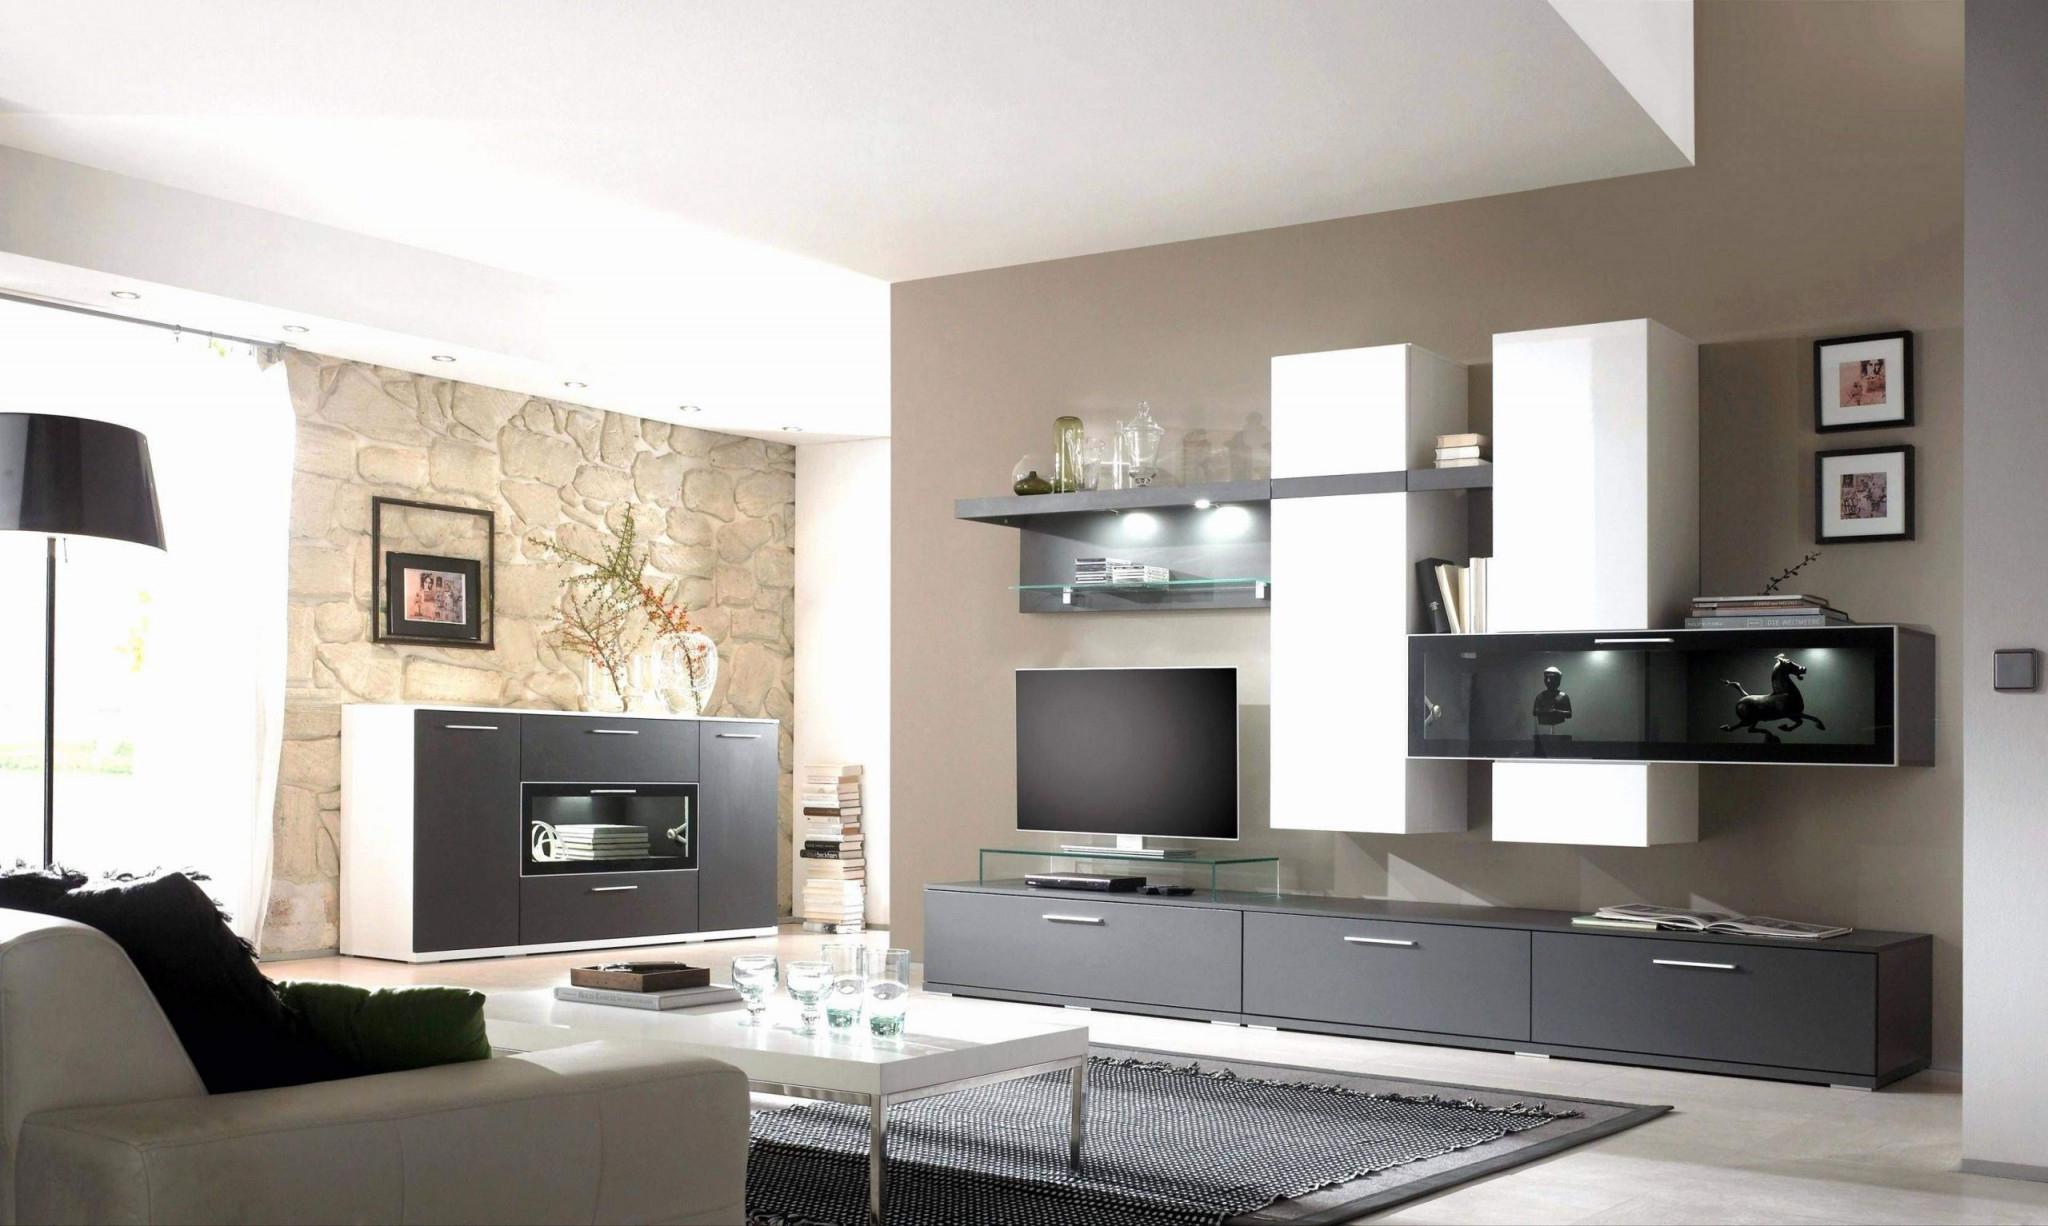 29 Inspirierend Wandfarbe Für Wohnzimmer Luxus  Wohnzimmer von Farben Wohnzimmer Ideen Bild